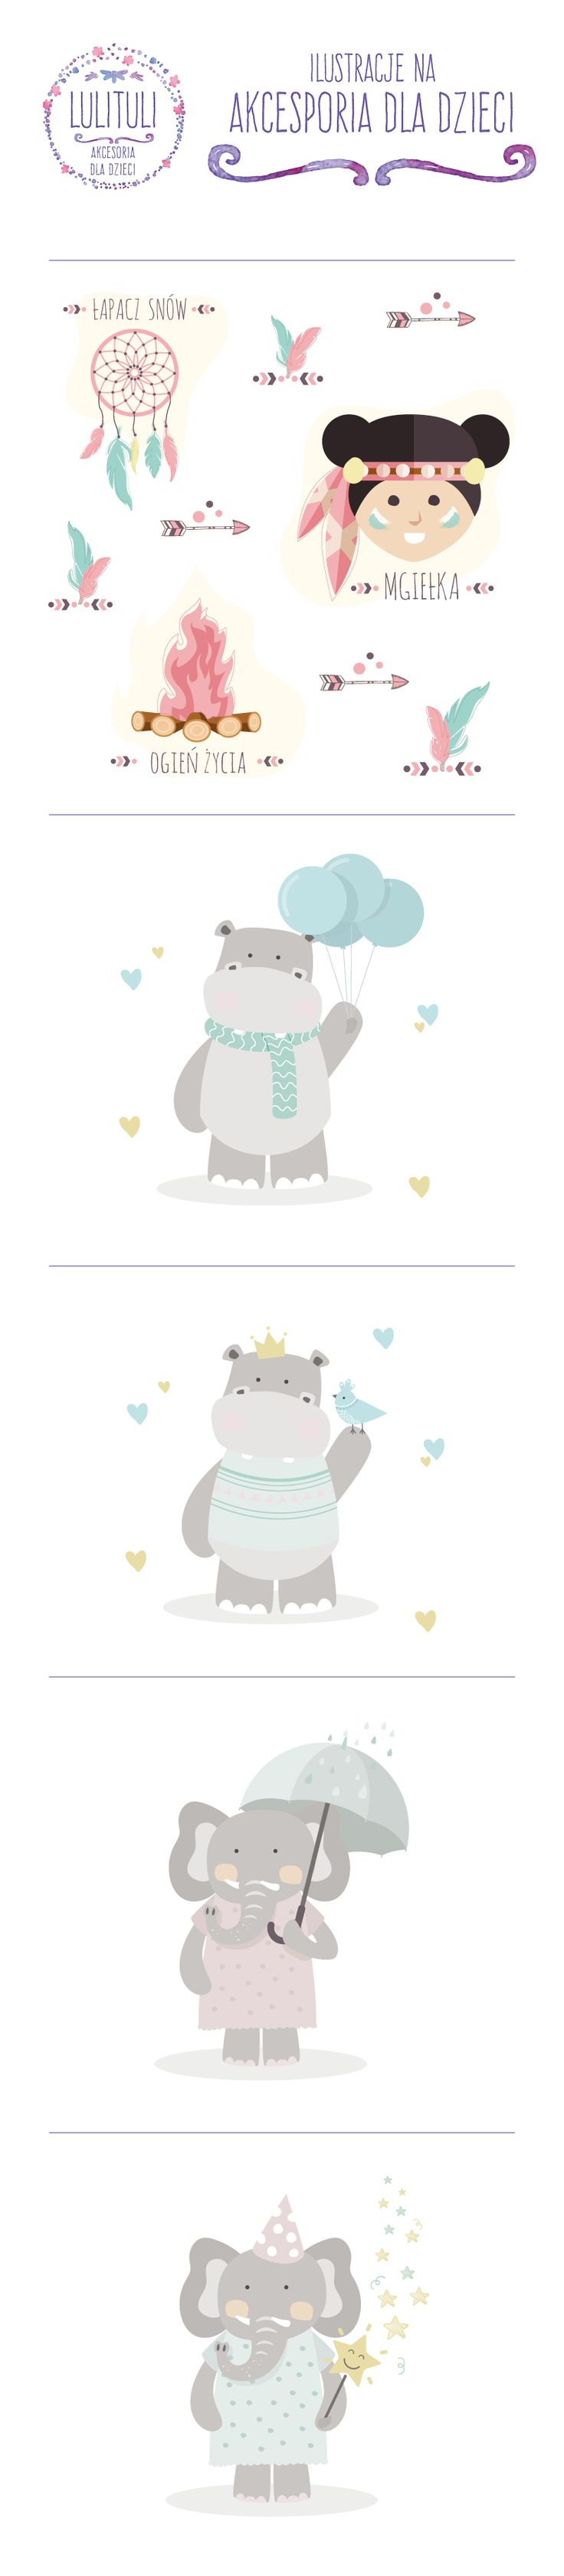 Ilustracje na akcesoria dla dzieci - Lulituli